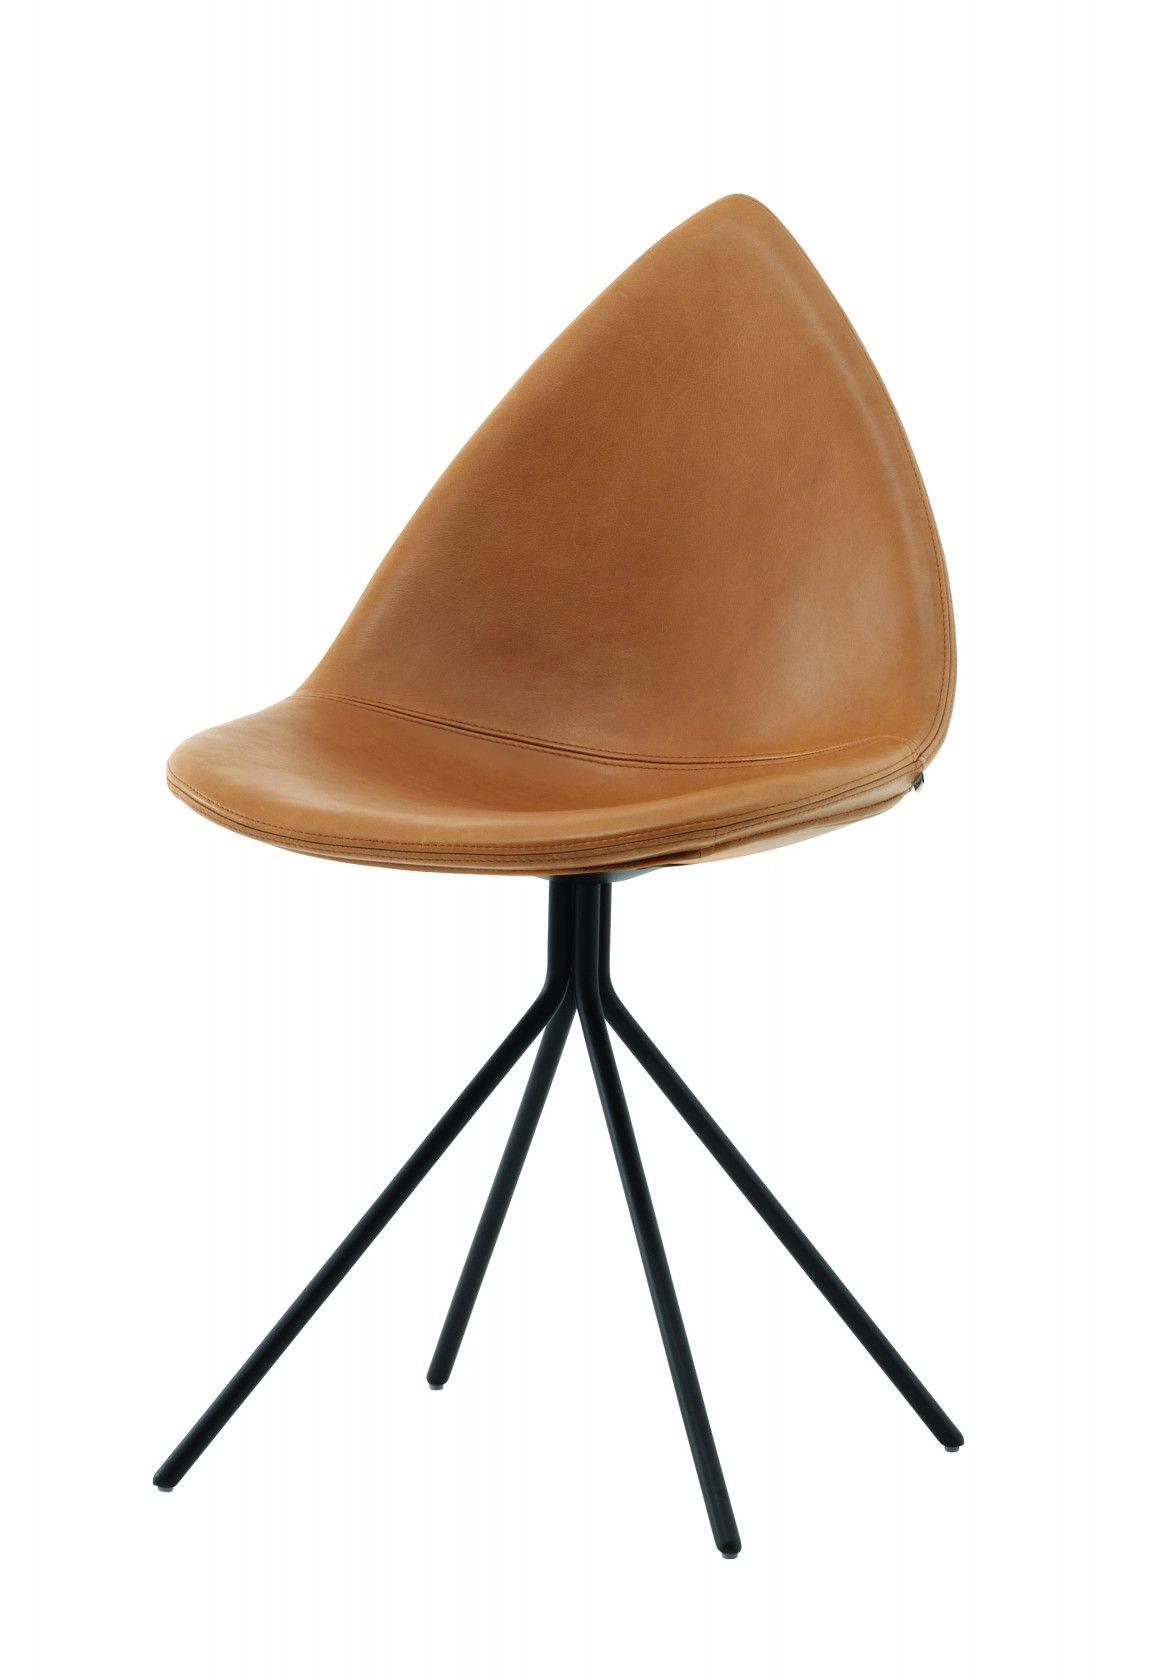 Karim Rashid Furniture Ottawa Chair By Karim Rashid For Bo Concept C O V E T